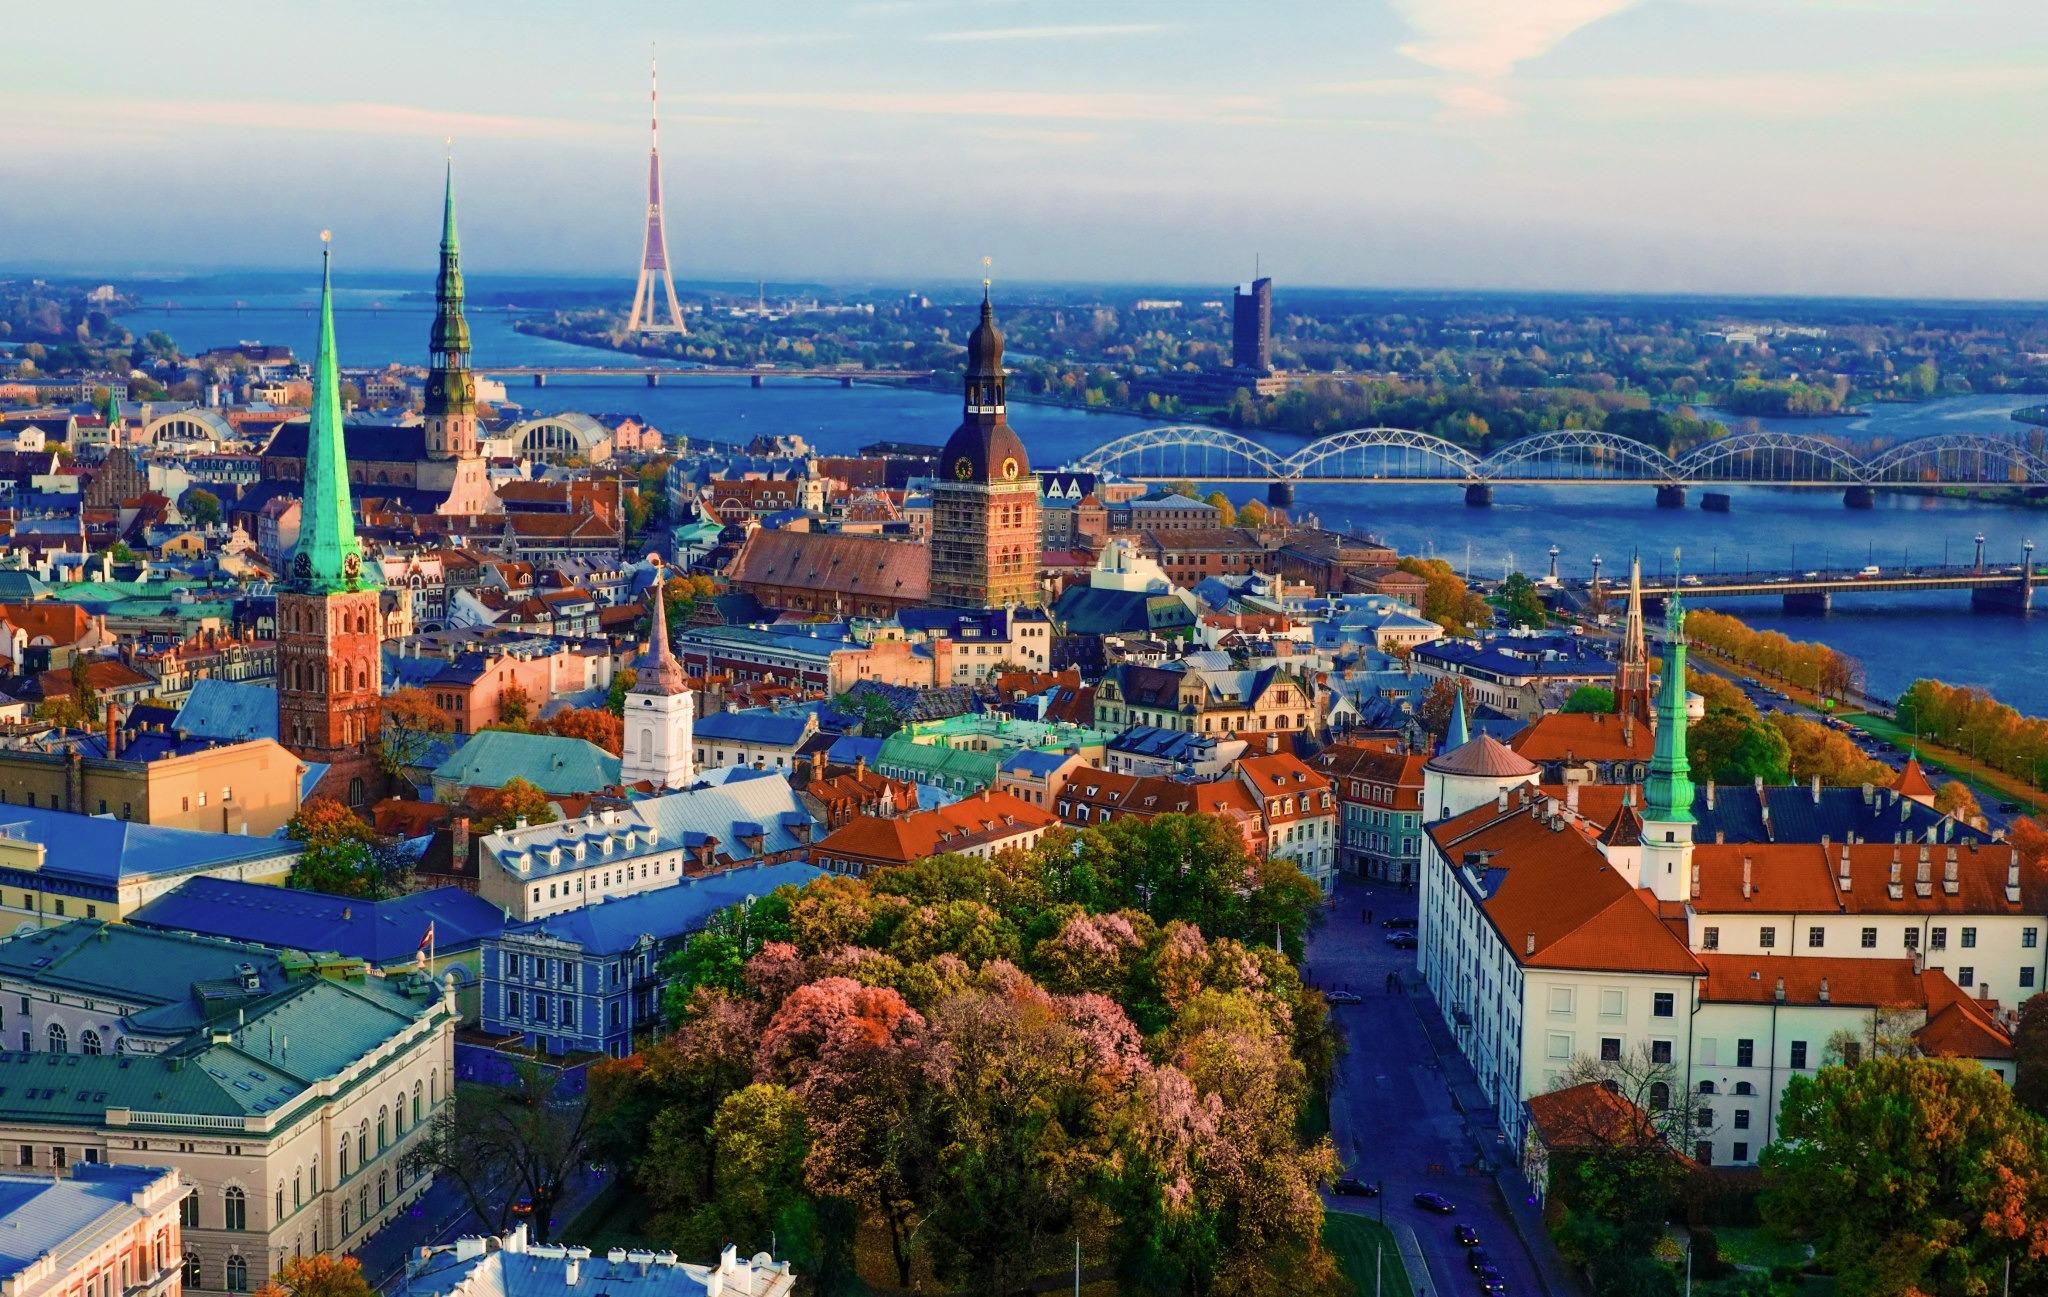 YAZ DÖNEMİ POLONYA & BALTIKLAR & HELSİNKİ Helsinki (1) & Tallinn - Riga (2) & Vilnius (1) & Varşova (1) & Krakow (2) – Viyana  Türk Havayolları Tarifeli Seferi ile 07 Ağustos 2016 Hareket … 7 Gece Turu